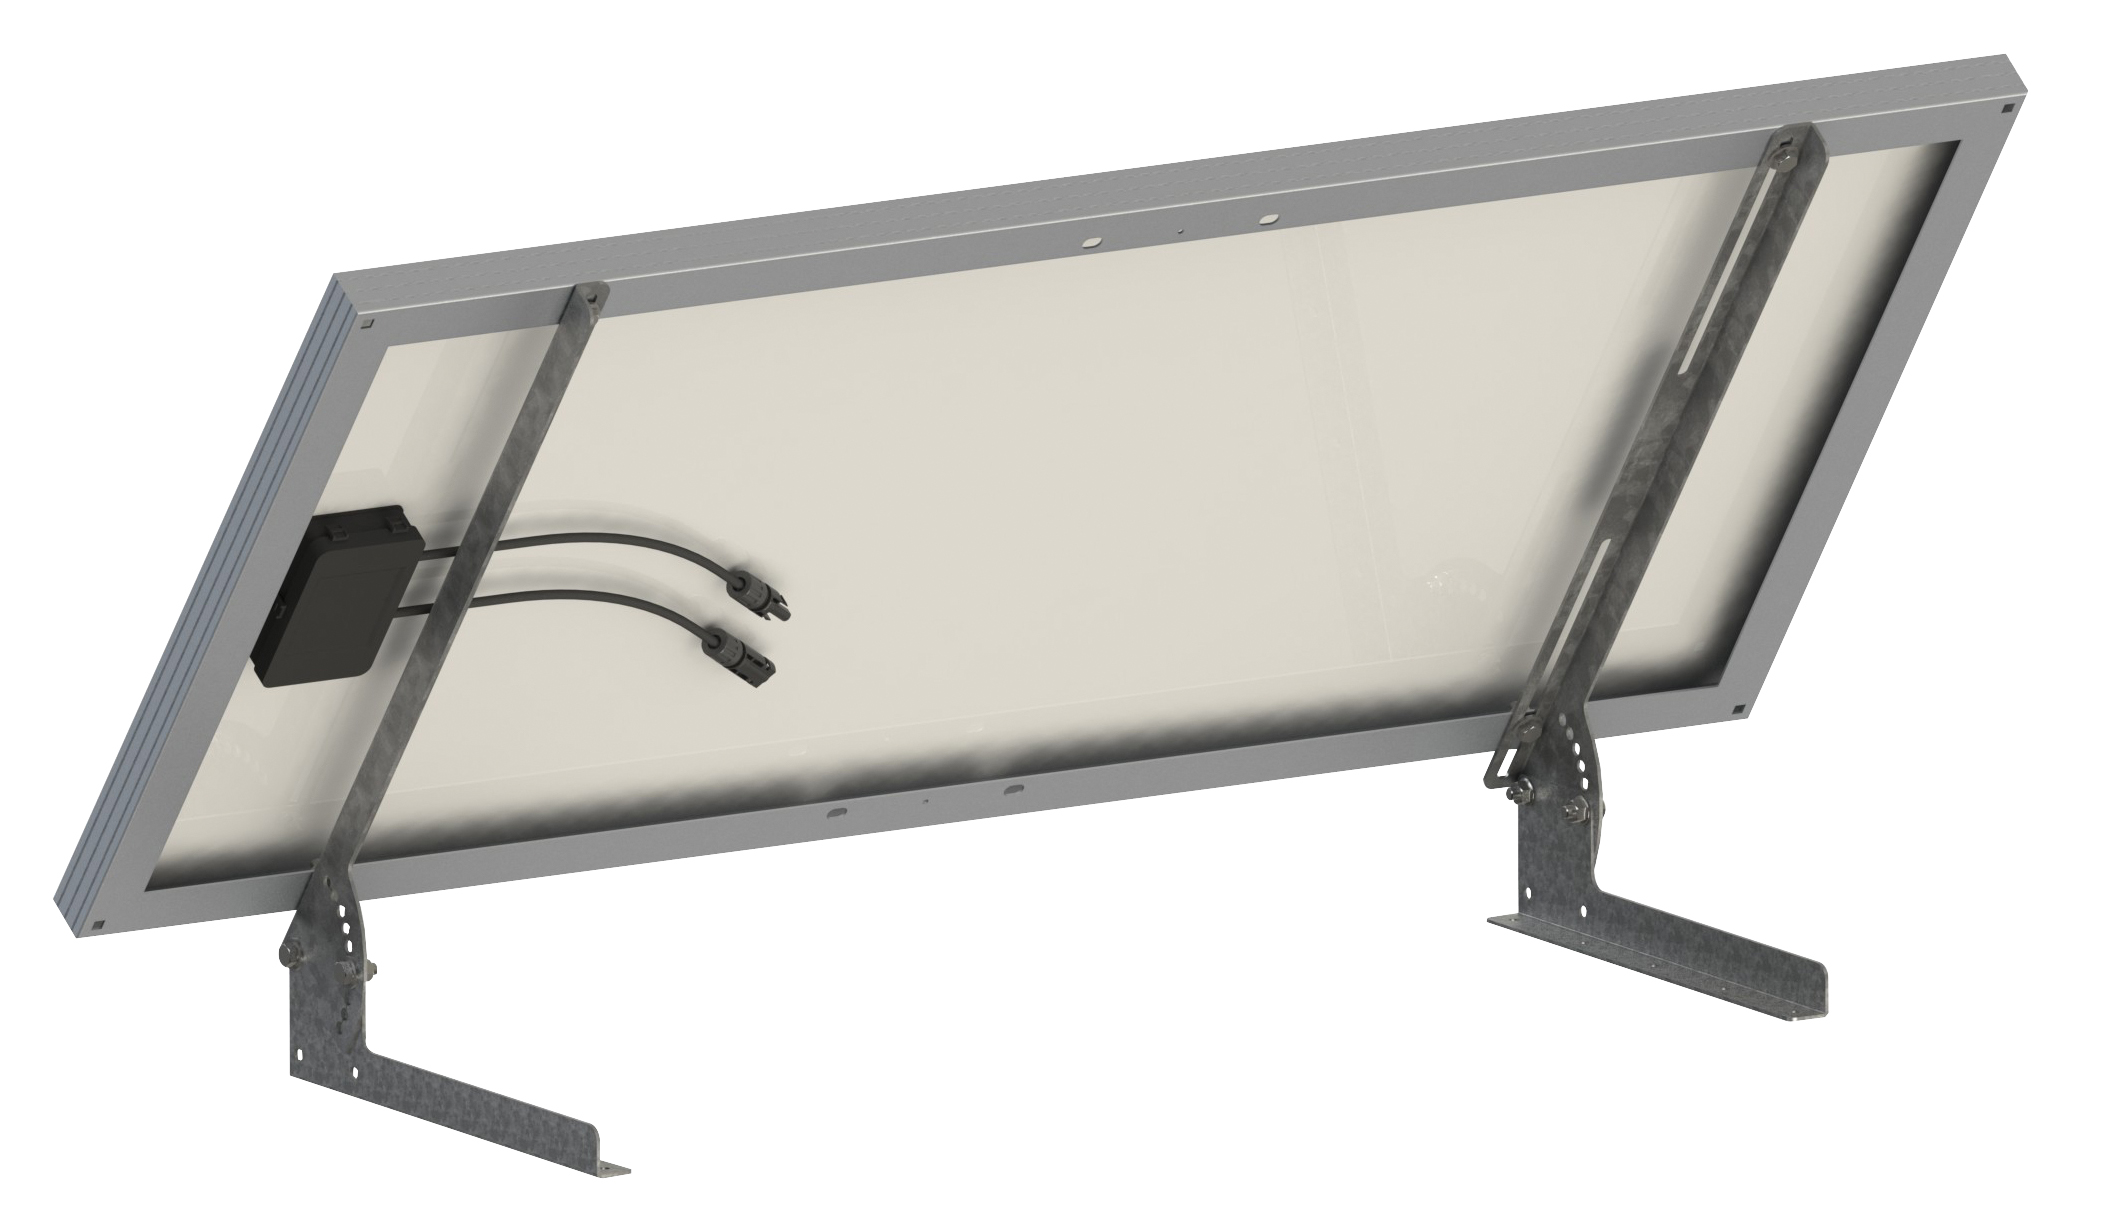 support basique pour unisun x2. Black Bedroom Furniture Sets. Home Design Ideas